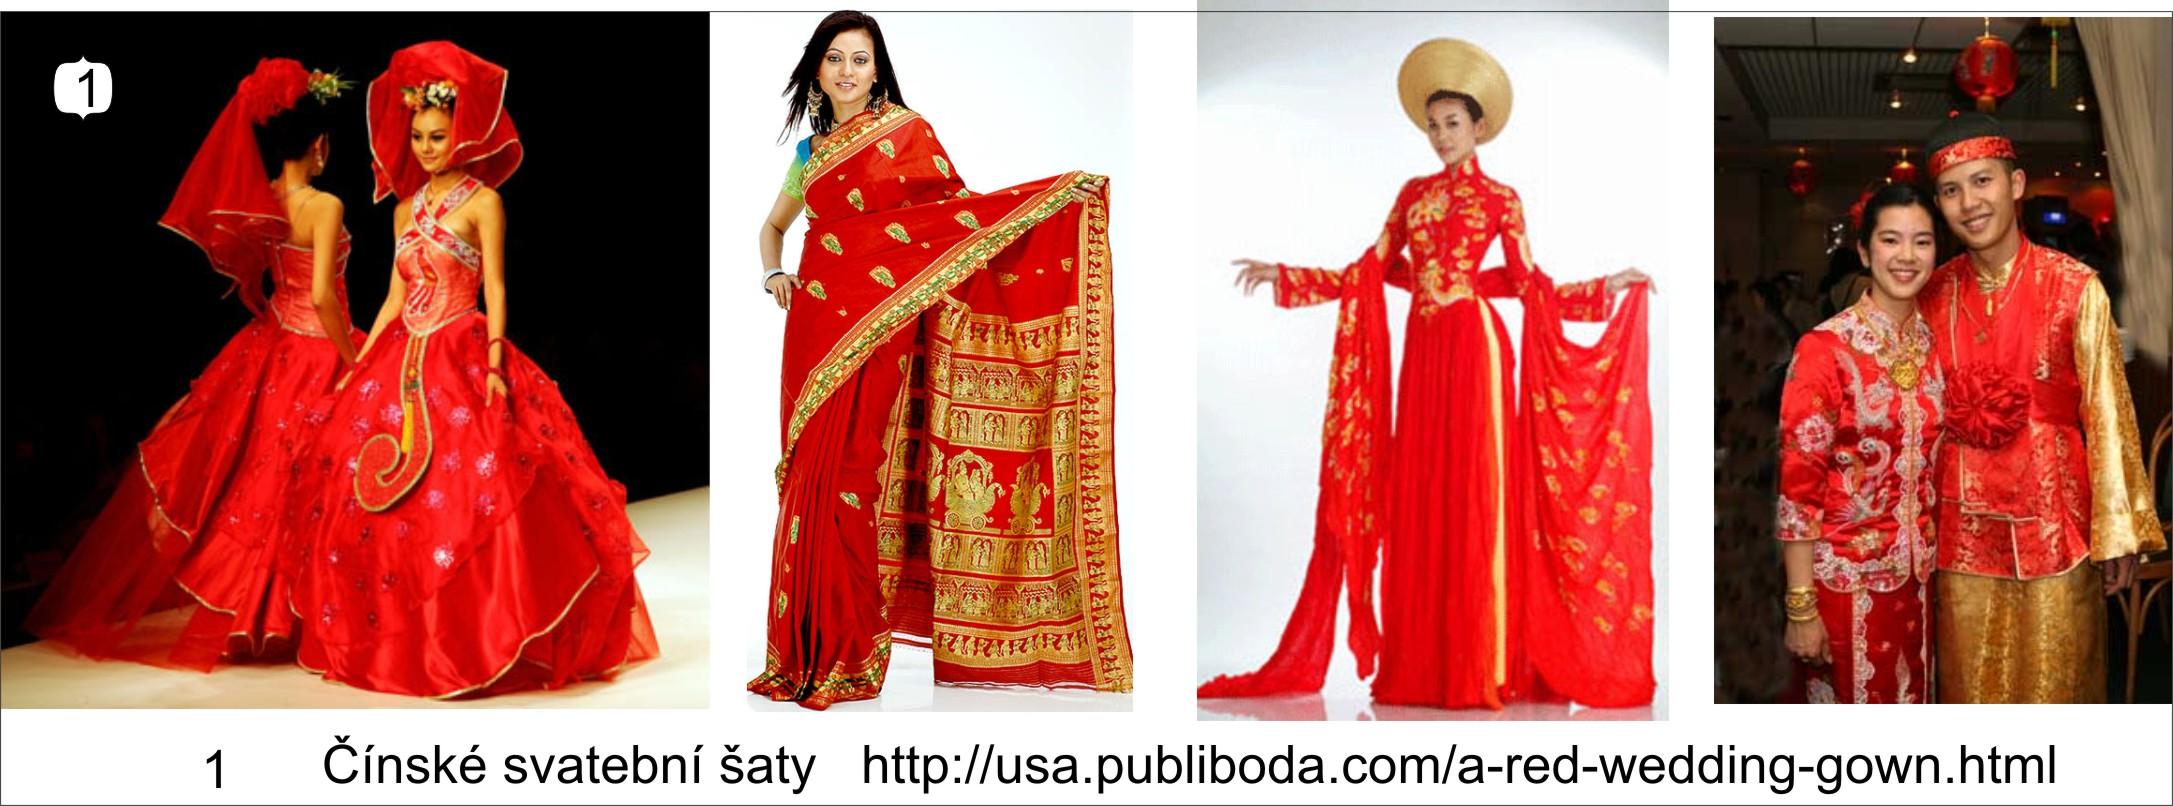 Svatební šaty ve světě - Svatby inspirace 7cd49e672f4